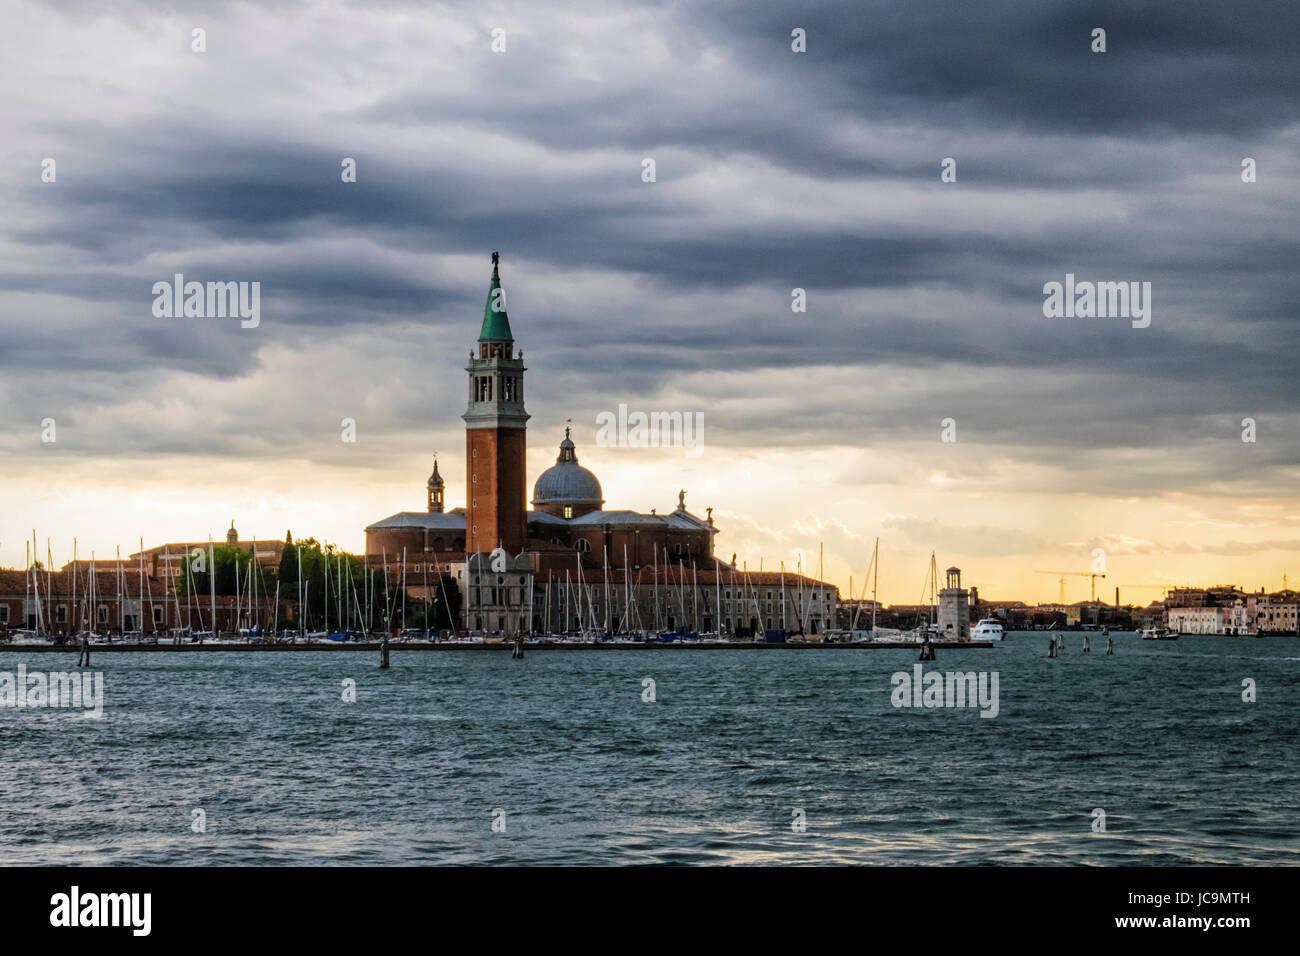 Venise, Italie. Vue sur le bassin de Saint-Marc avec l'église de San Giorgio Maggiore,Black,ciel nuageux Photo Stock